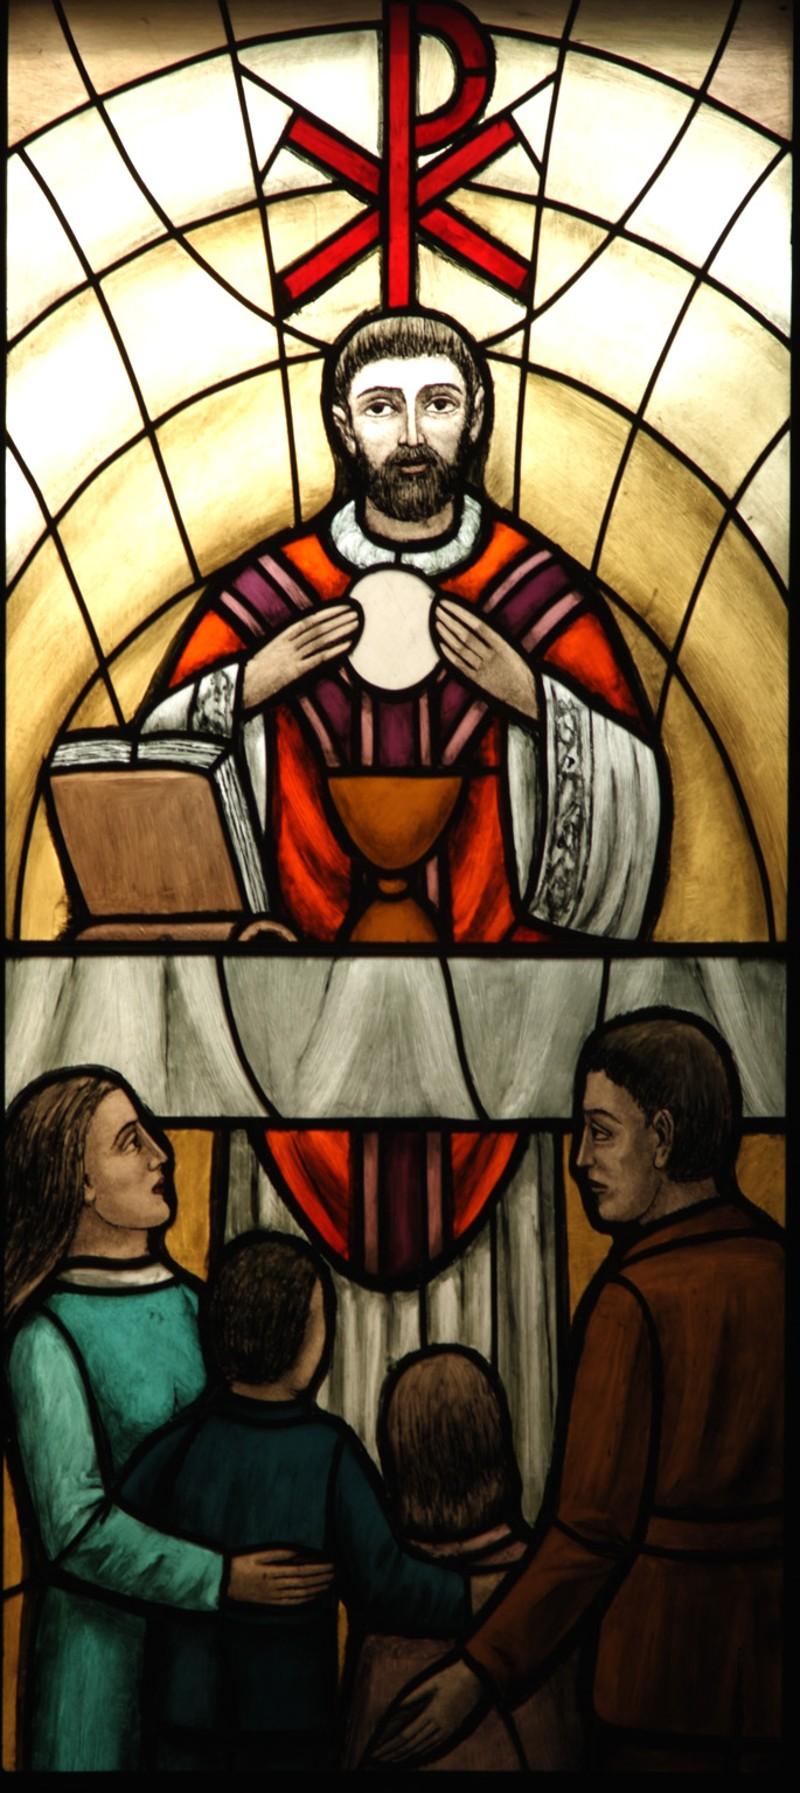 Cavallini S. (1990), Consacrazione eucaristica con fedeli